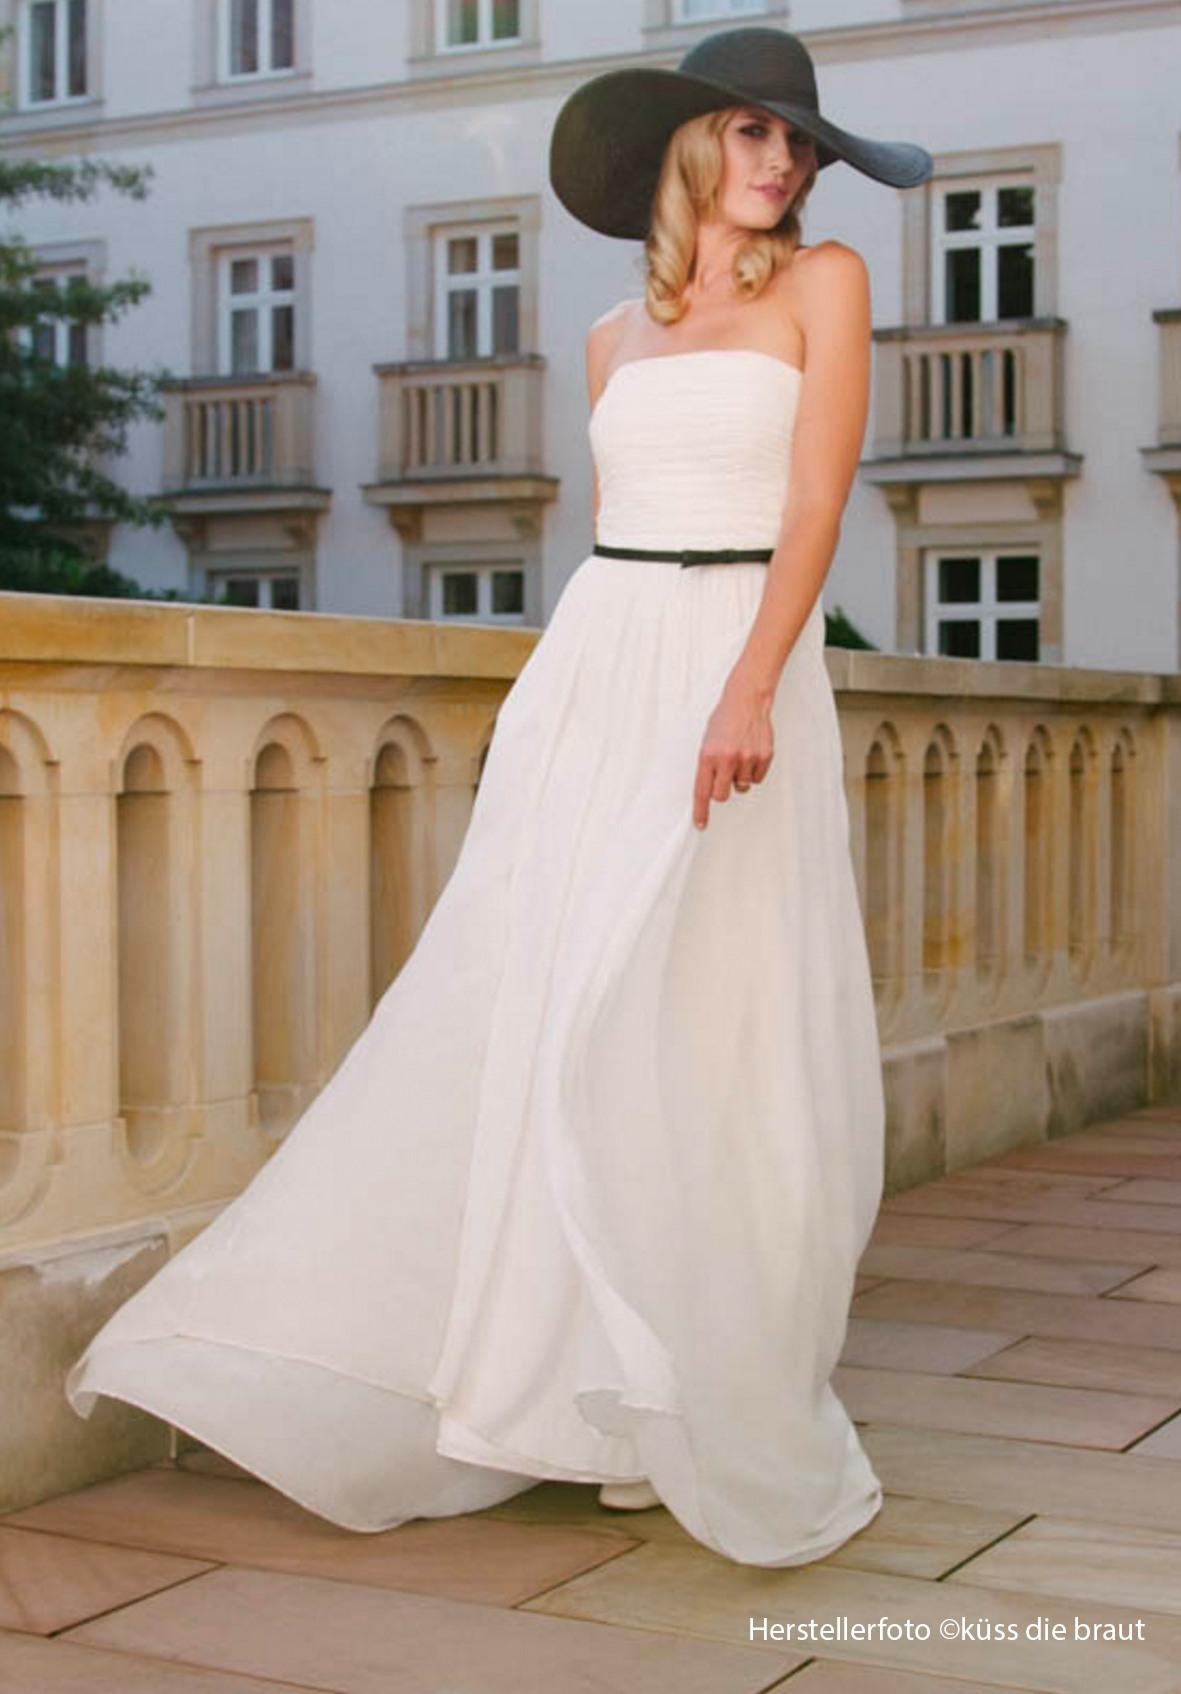 Formal Schön Brautkleid Gebraucht Galerie13 Einfach Brautkleid Gebraucht Galerie